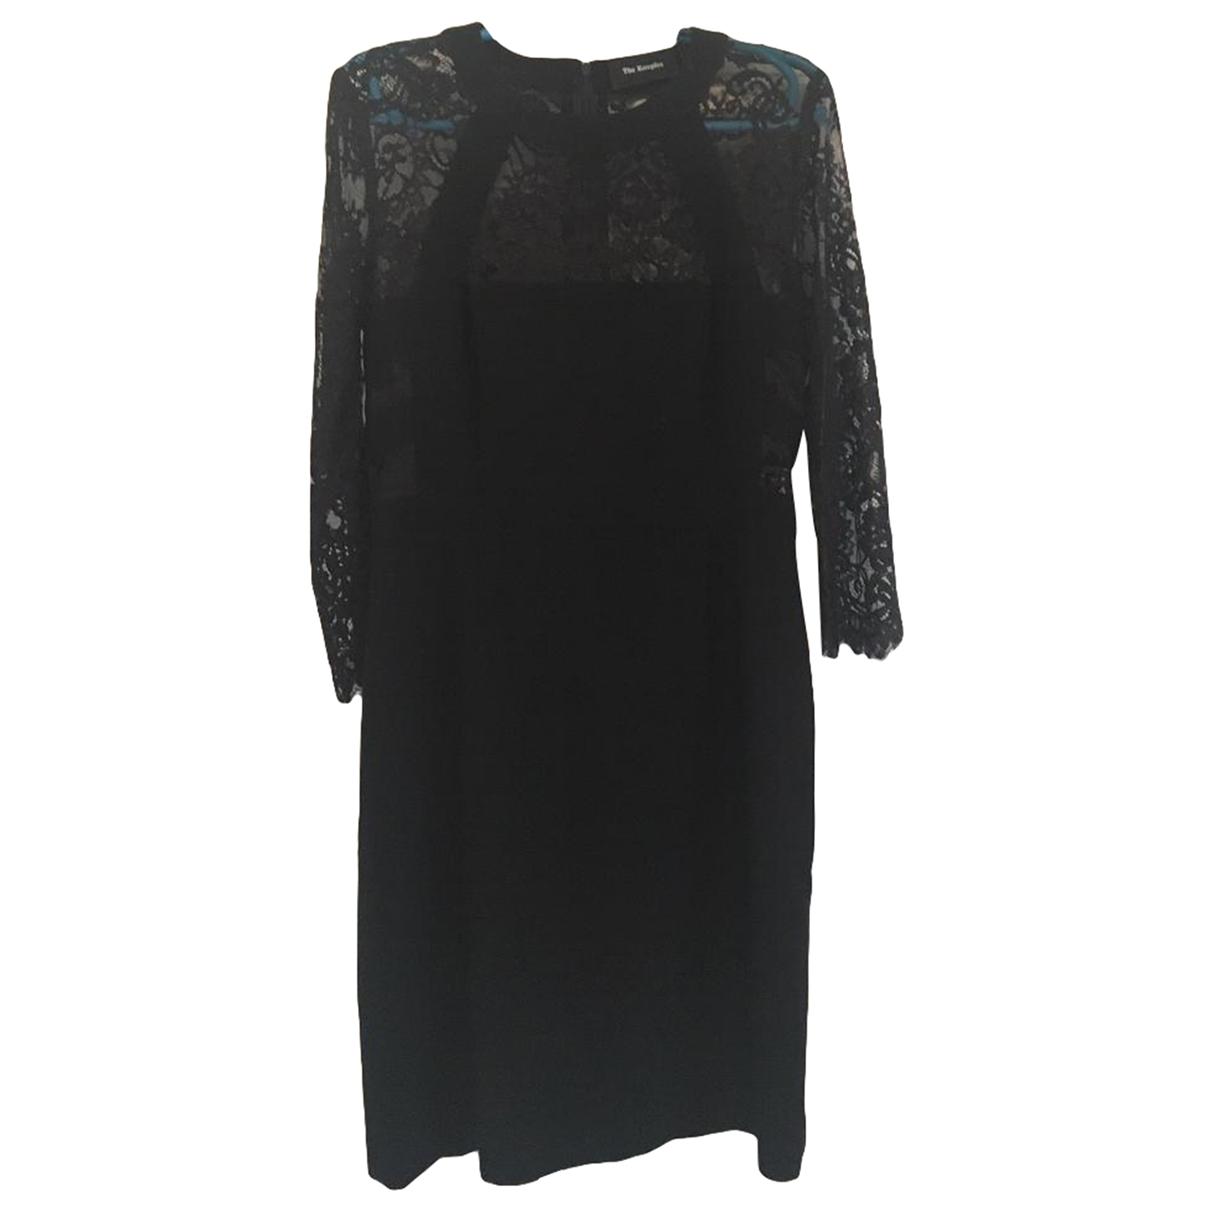 The Kooples \N Black Lace dress for Women M International